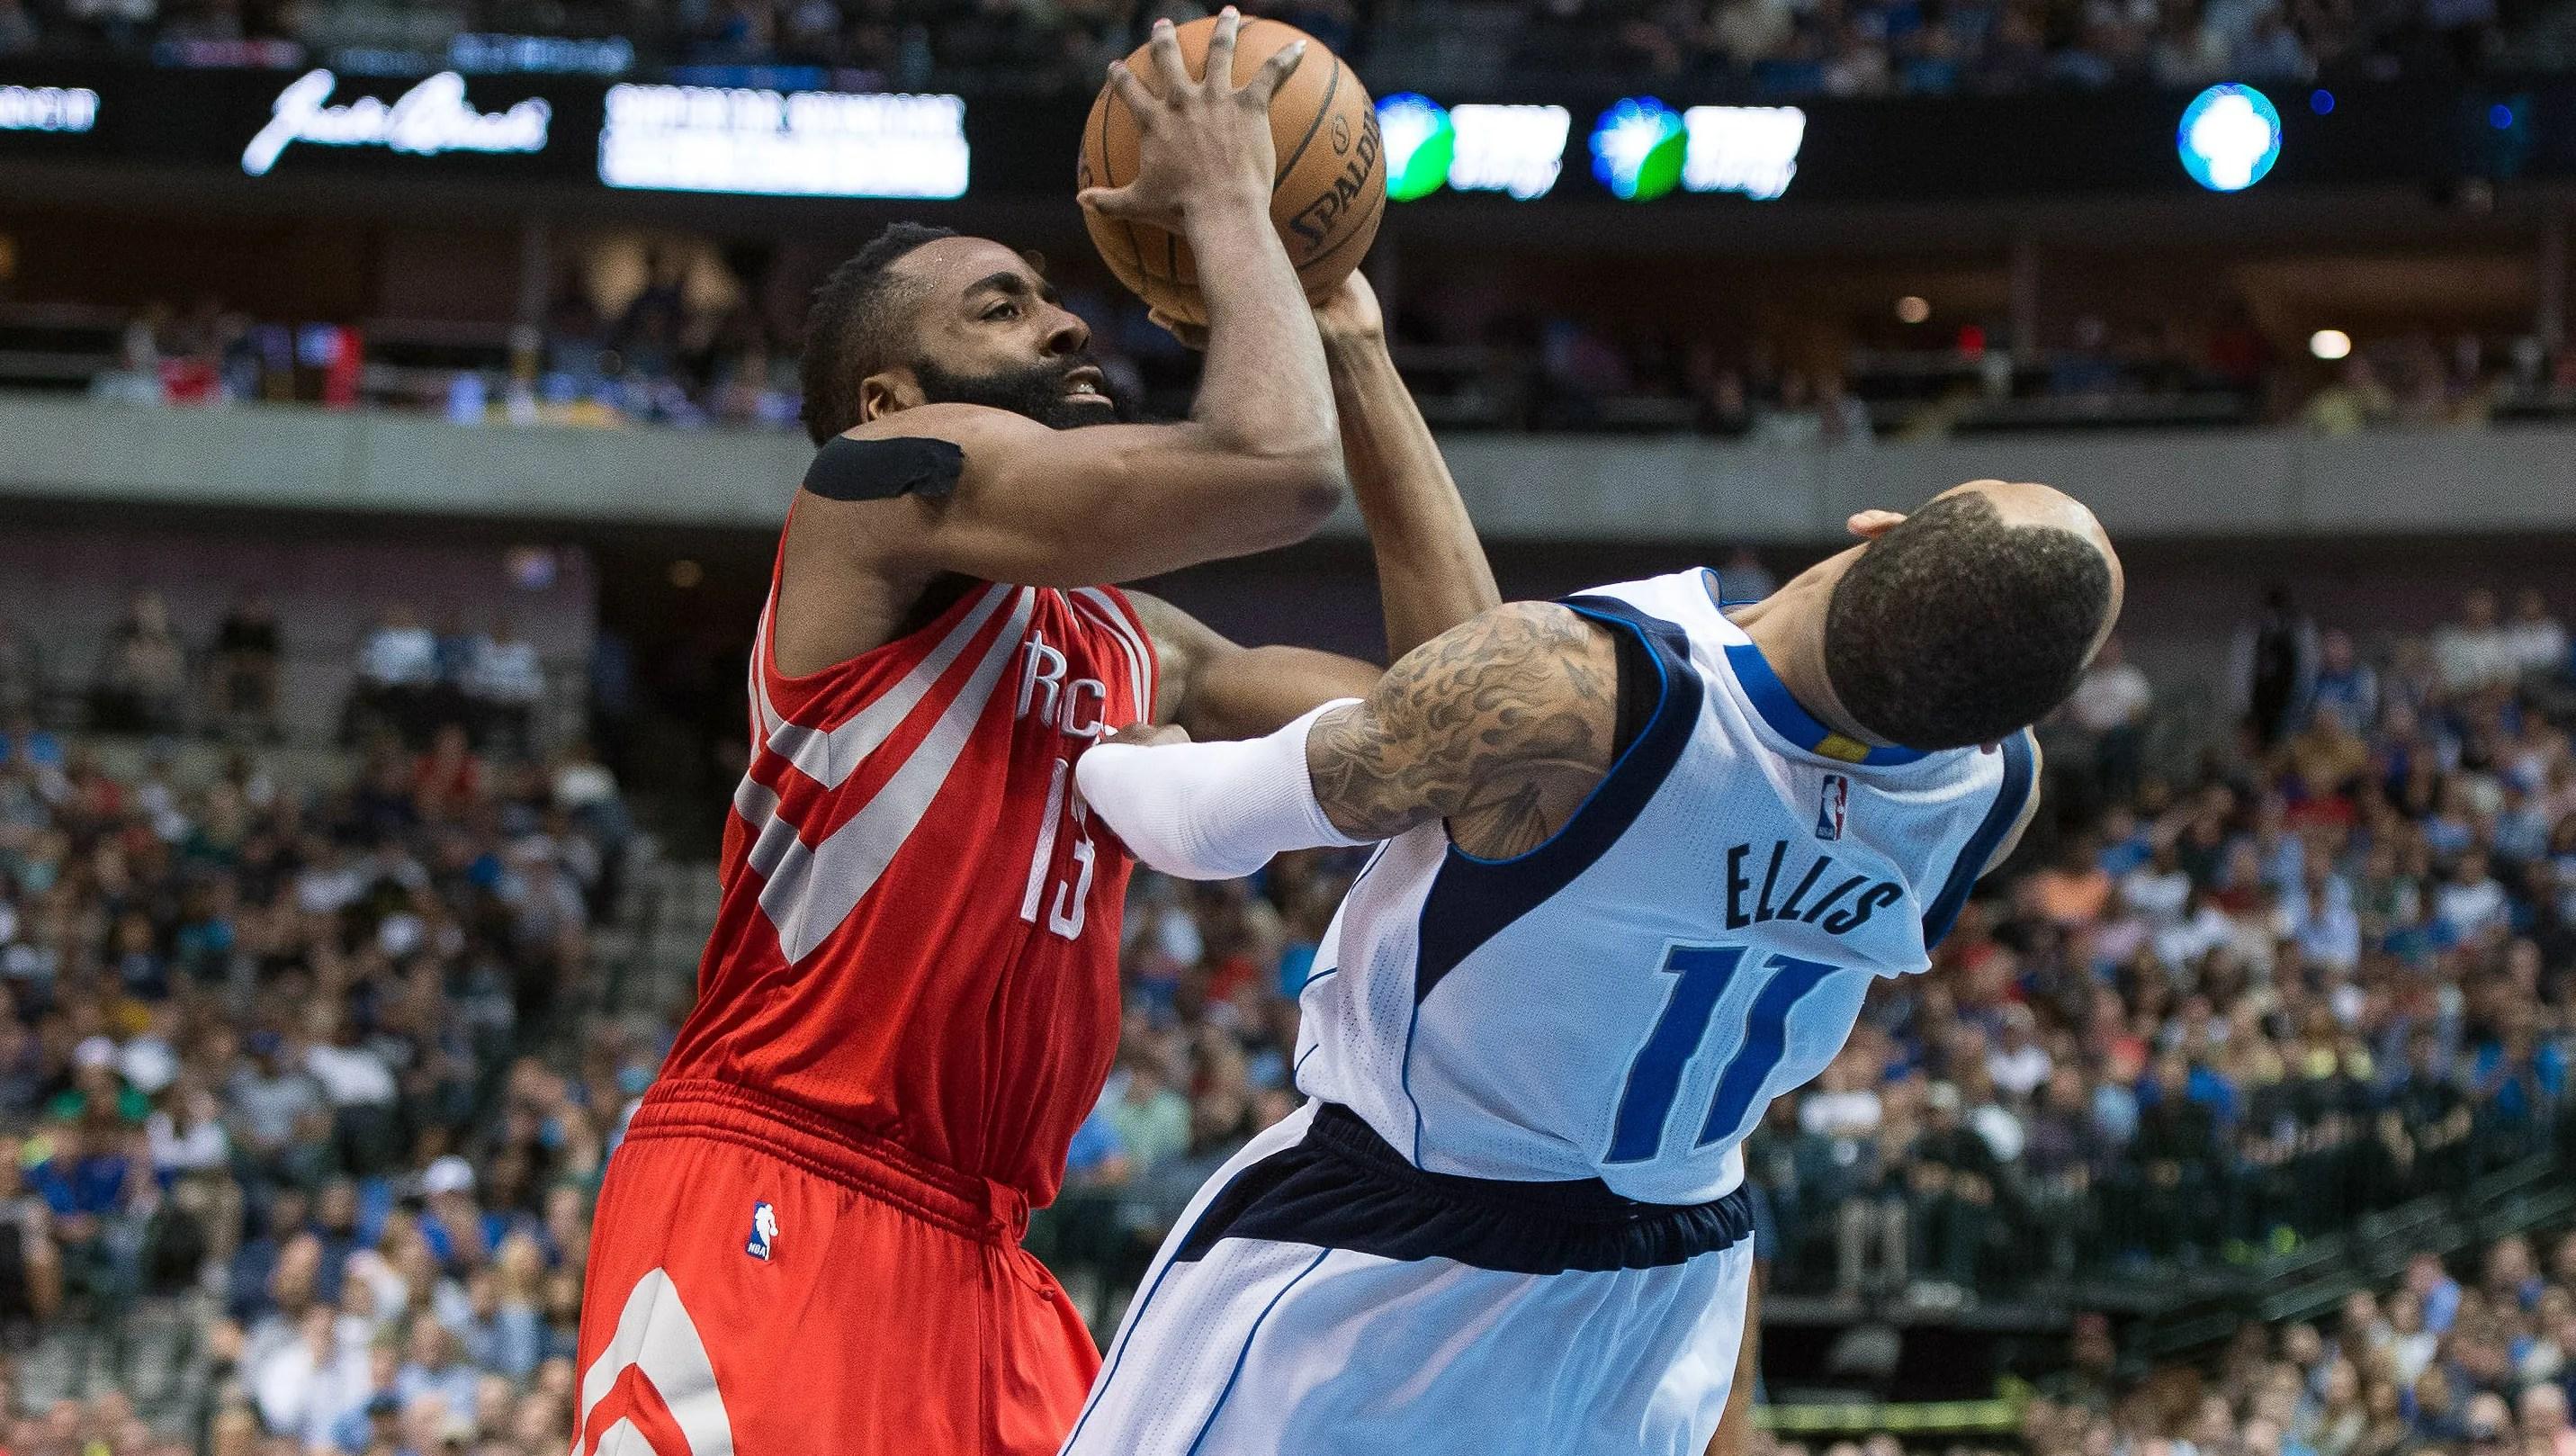 2015 Nba Playoffs Preview Houston Rockets Vs Dallas